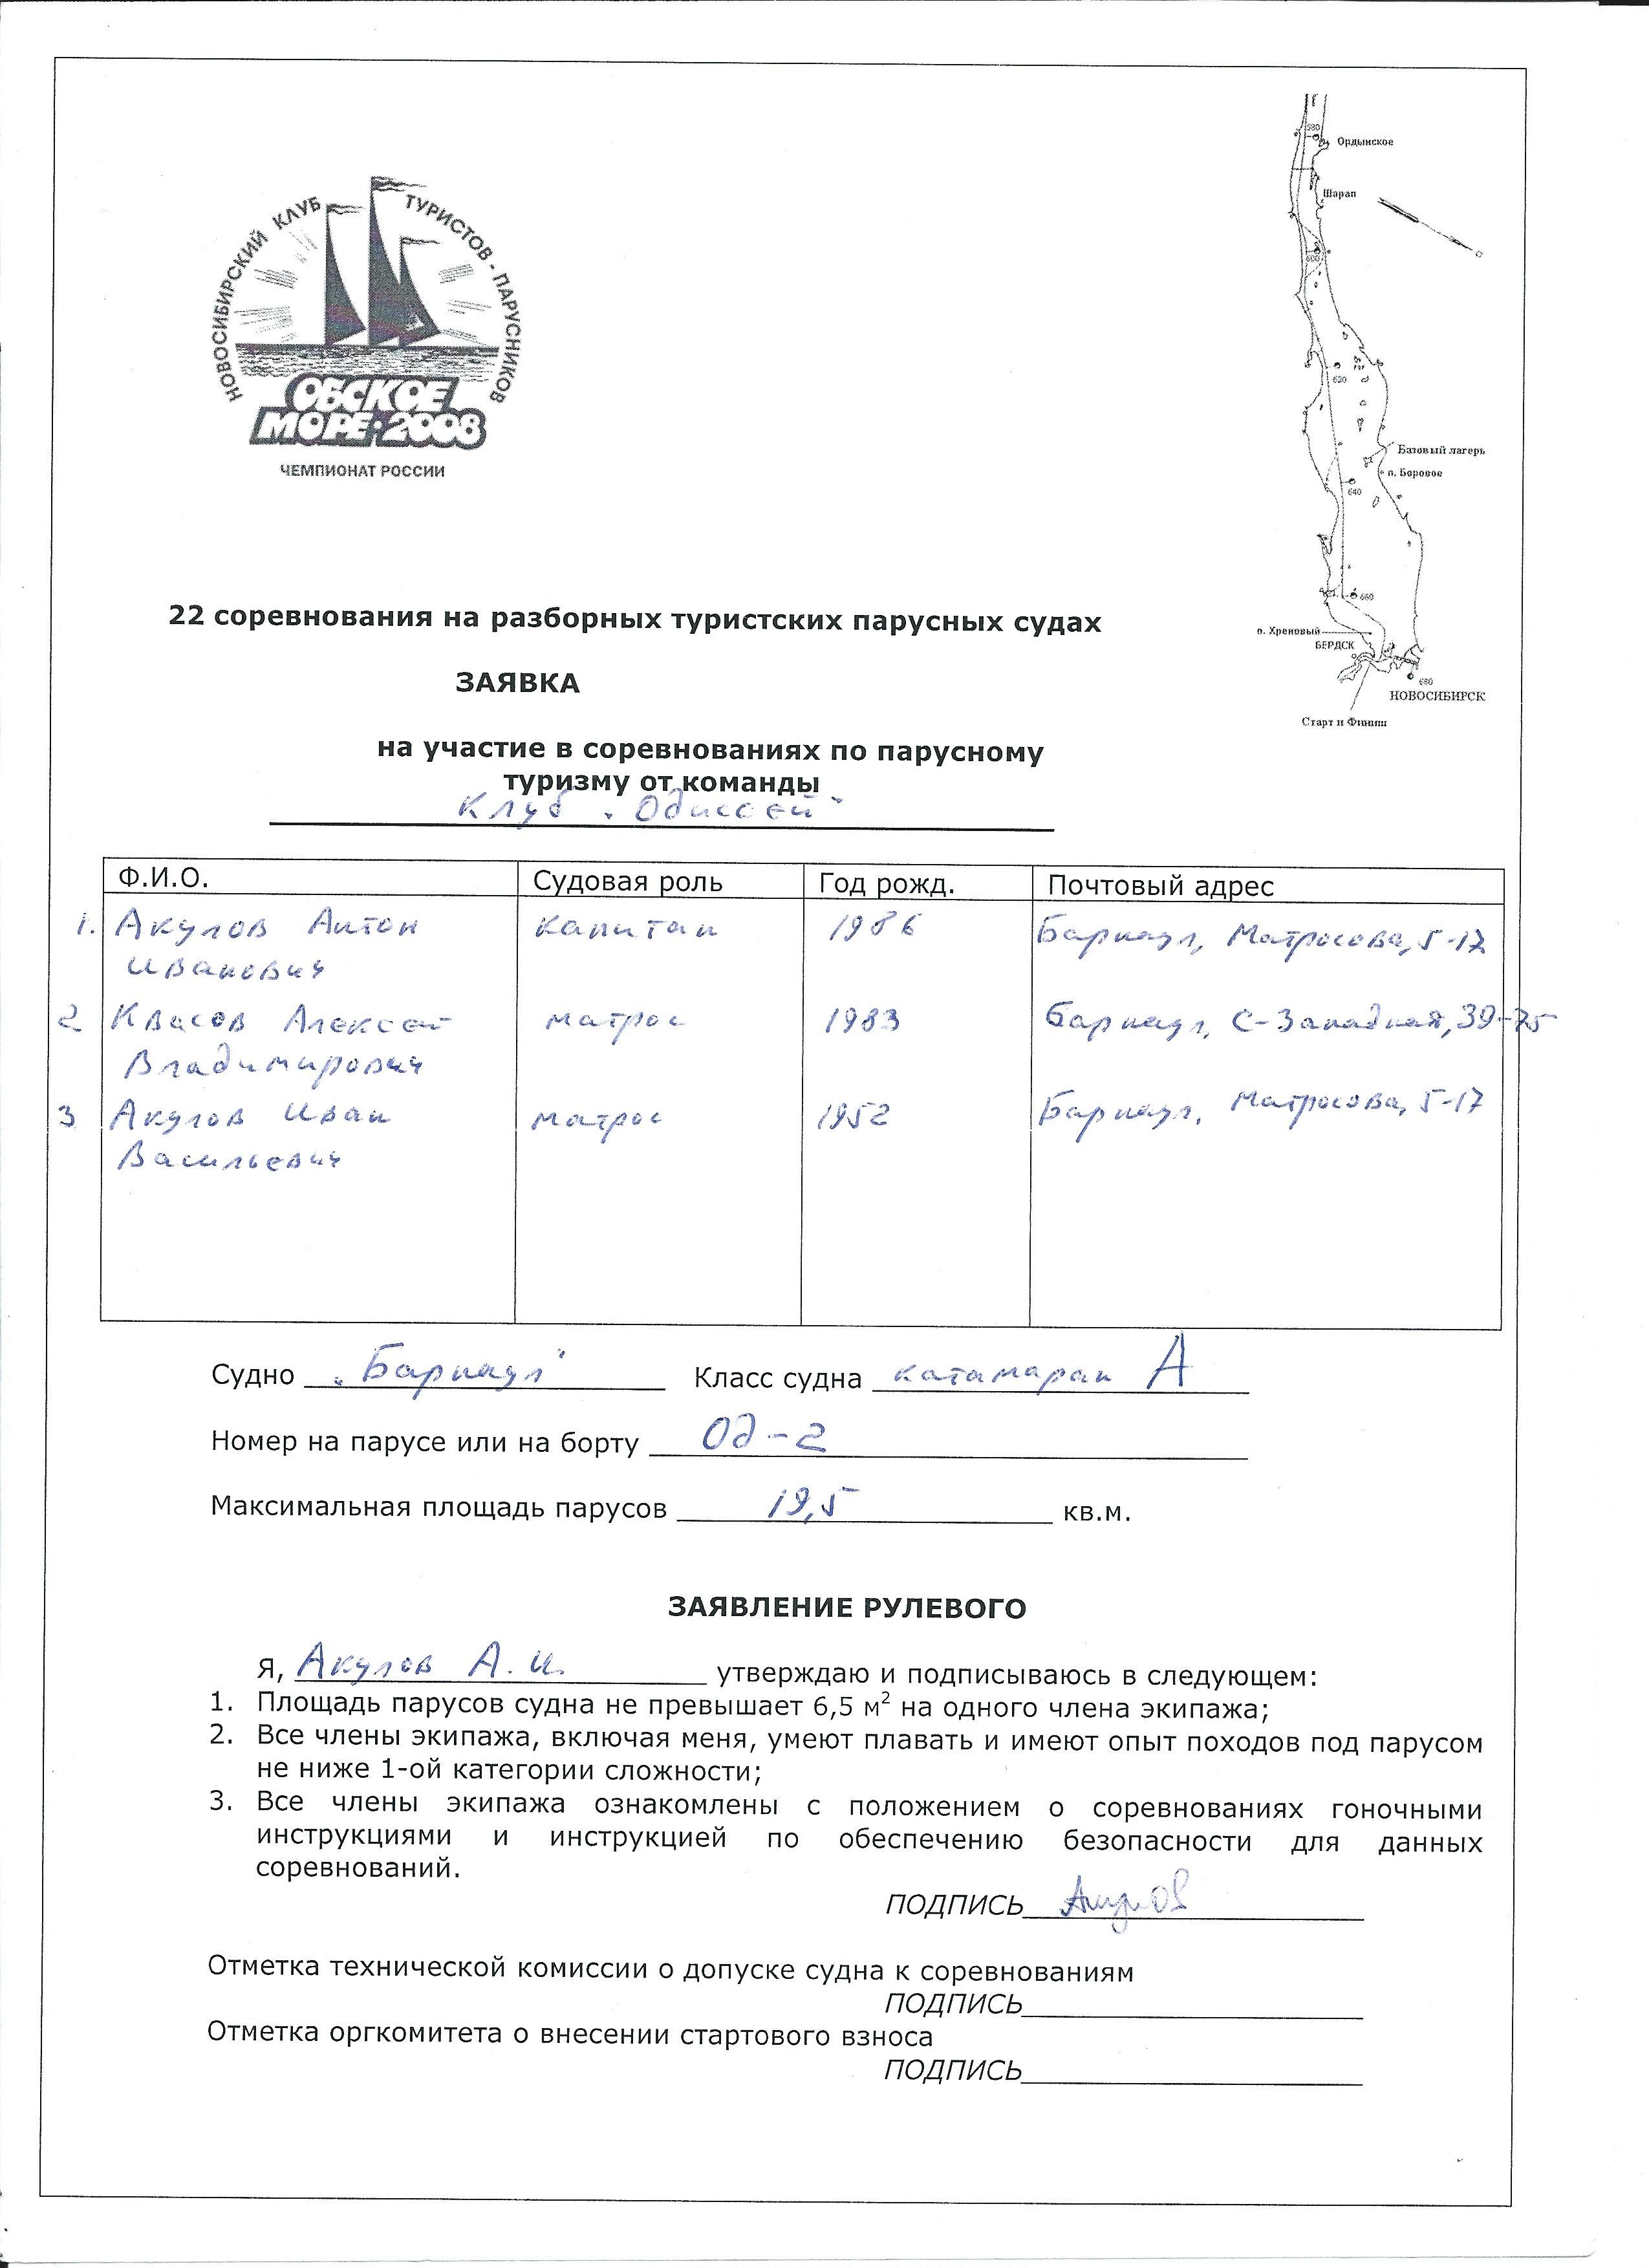 Акулов А.И.